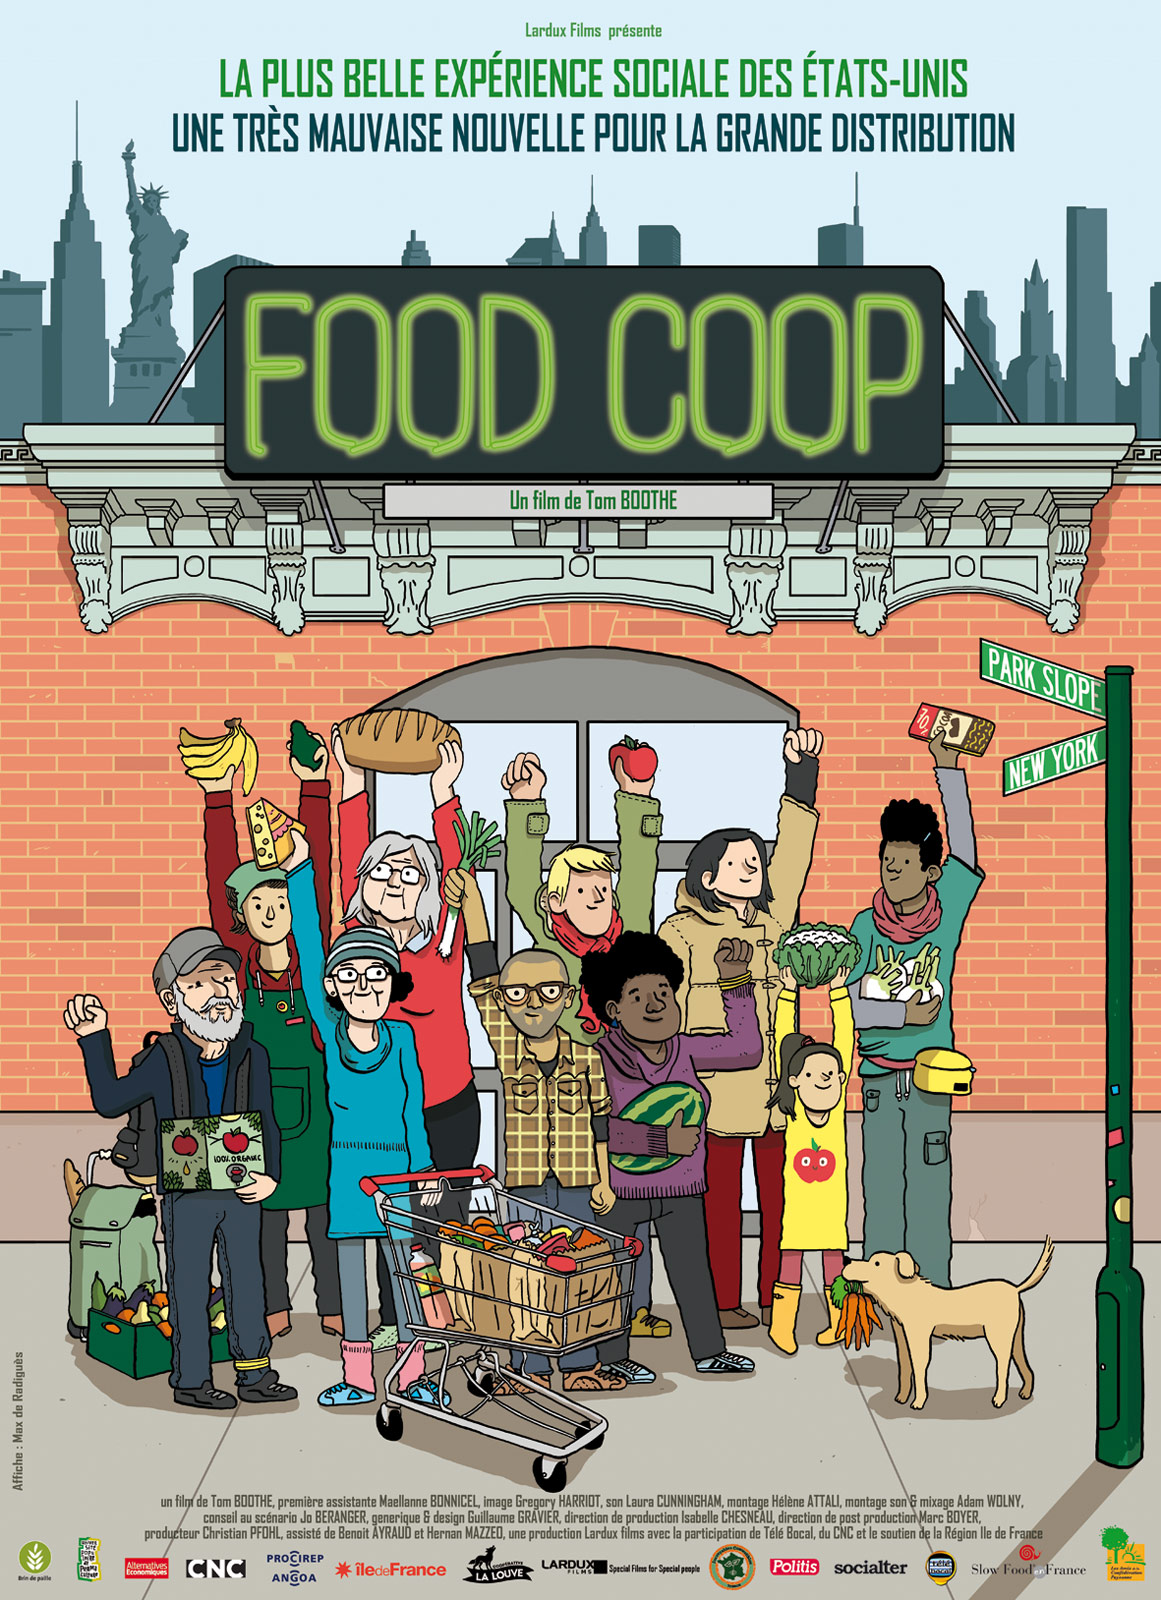 Ciné-Débat : projection et échange autour de Food Coop